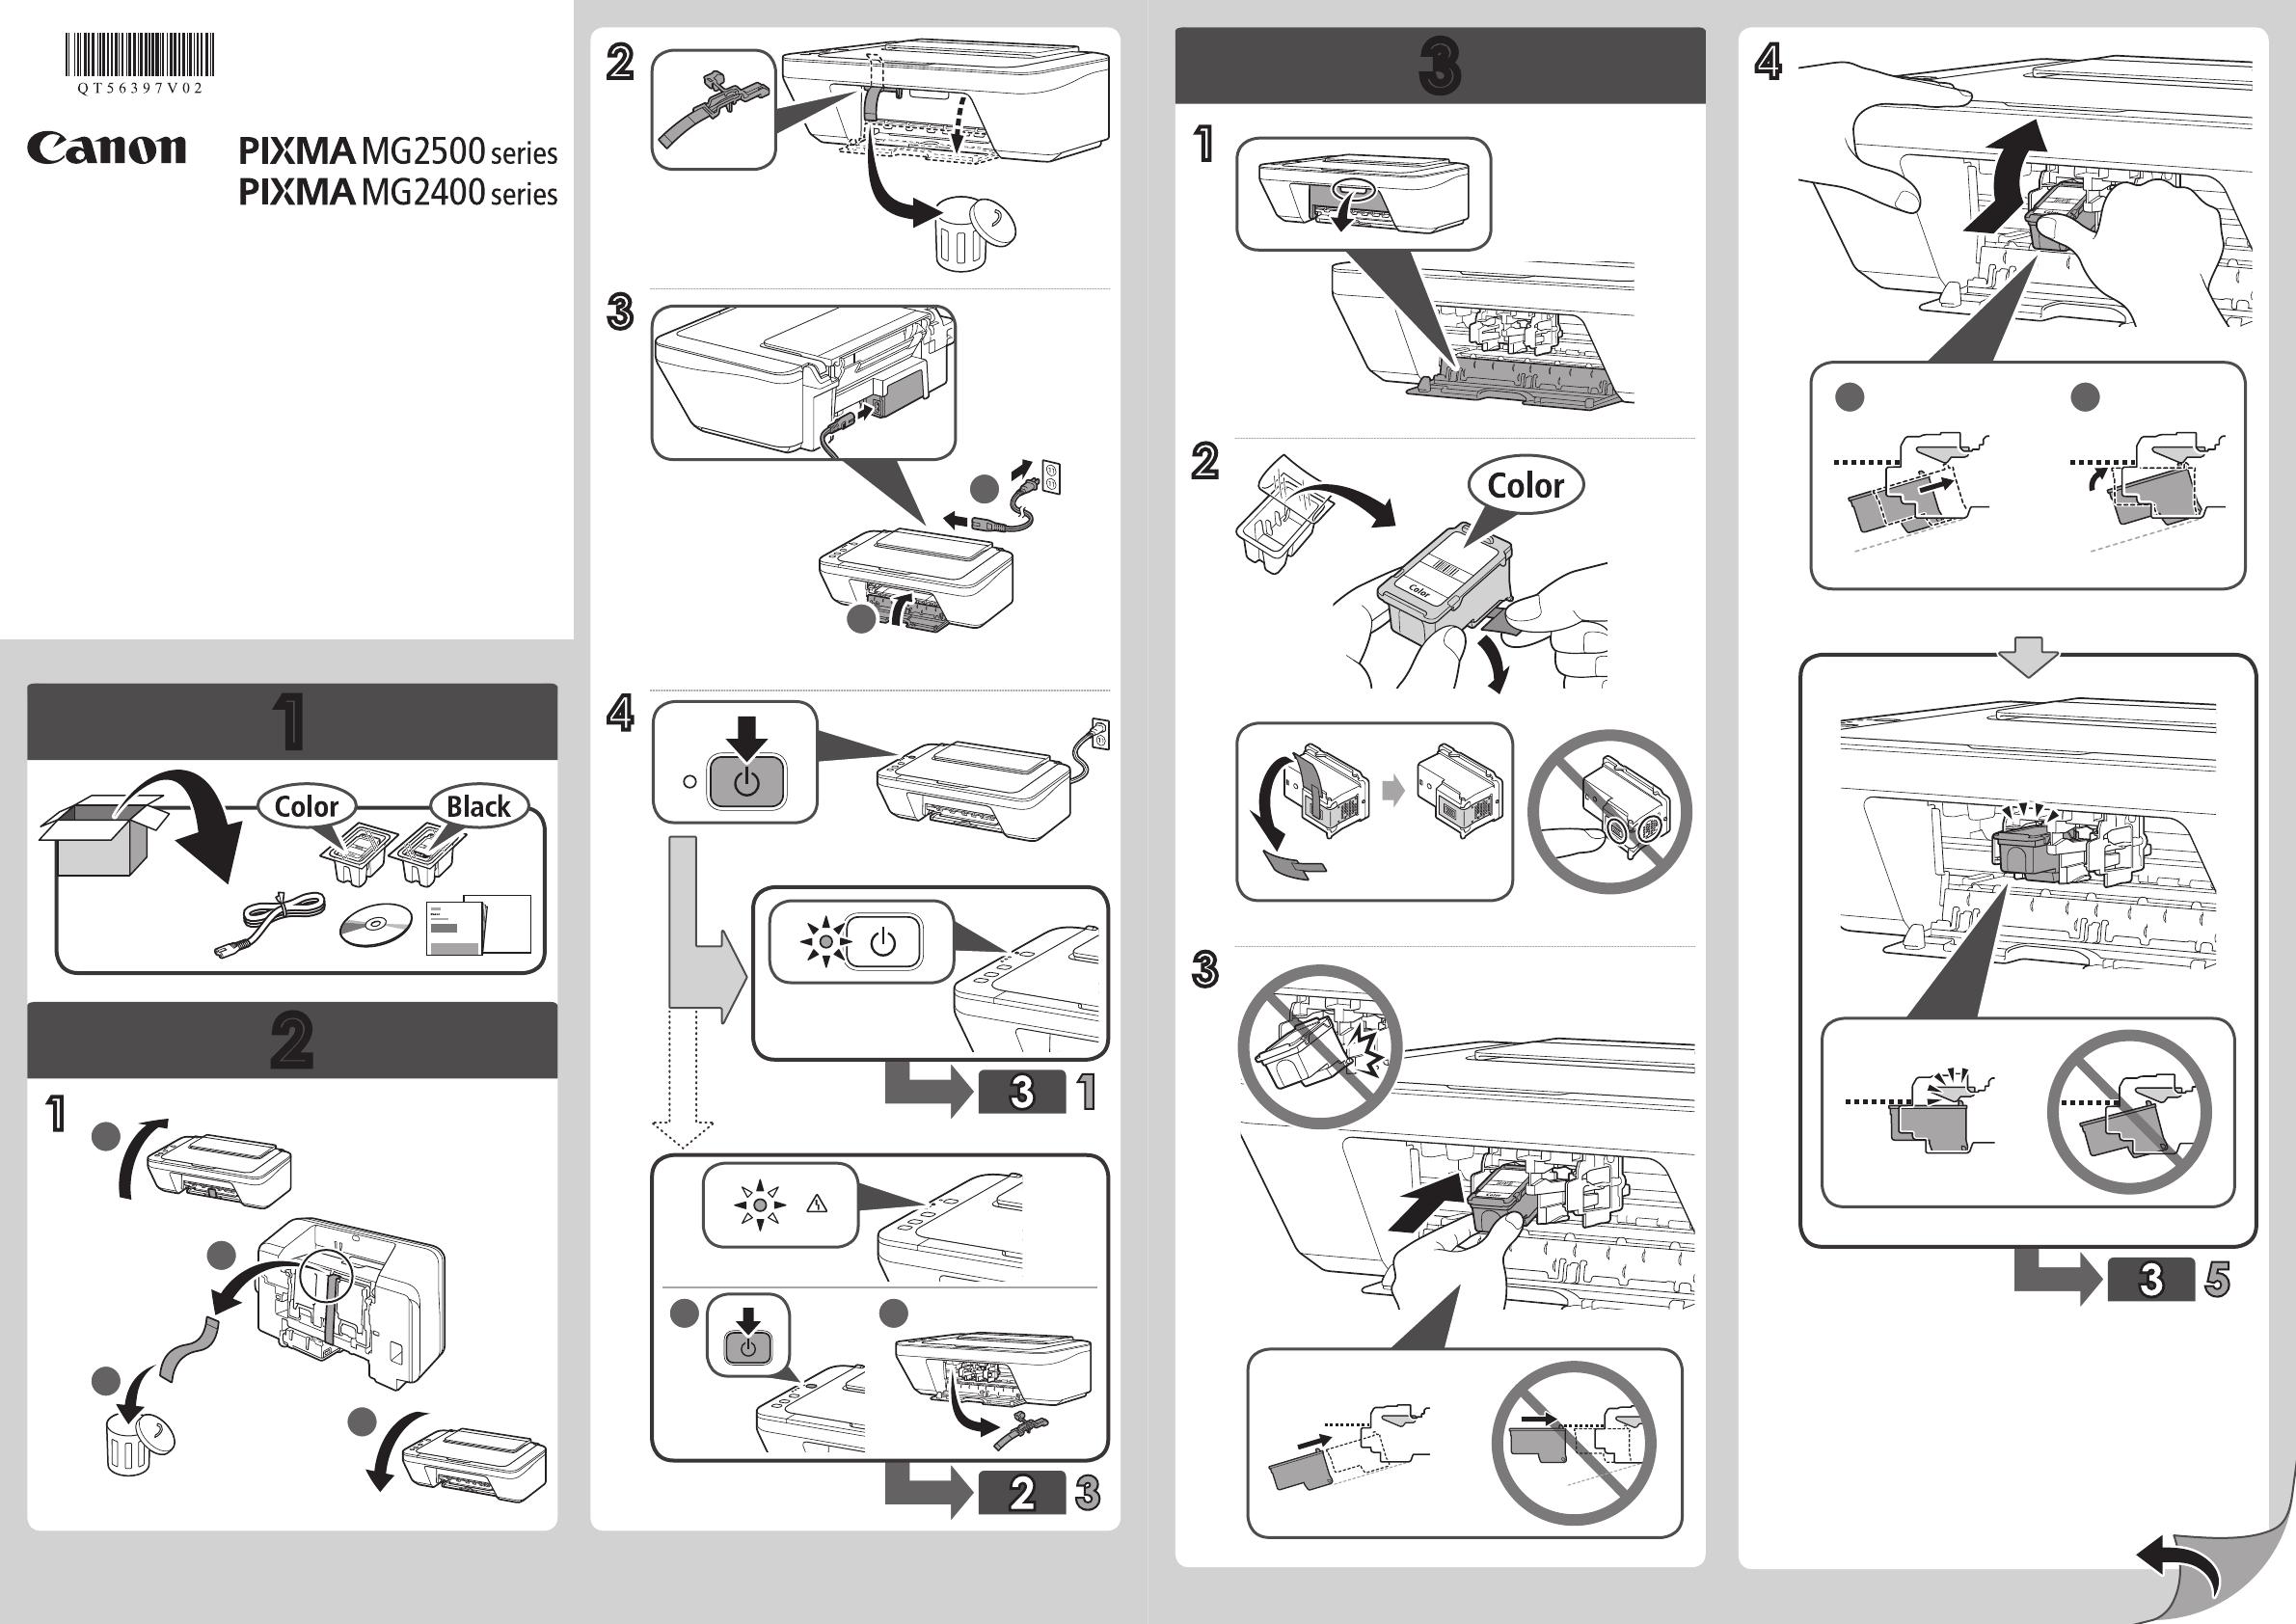 Bedienungsanleitung Canon PIXMA MG200 Seite 200 von 20 Alle Sprachen